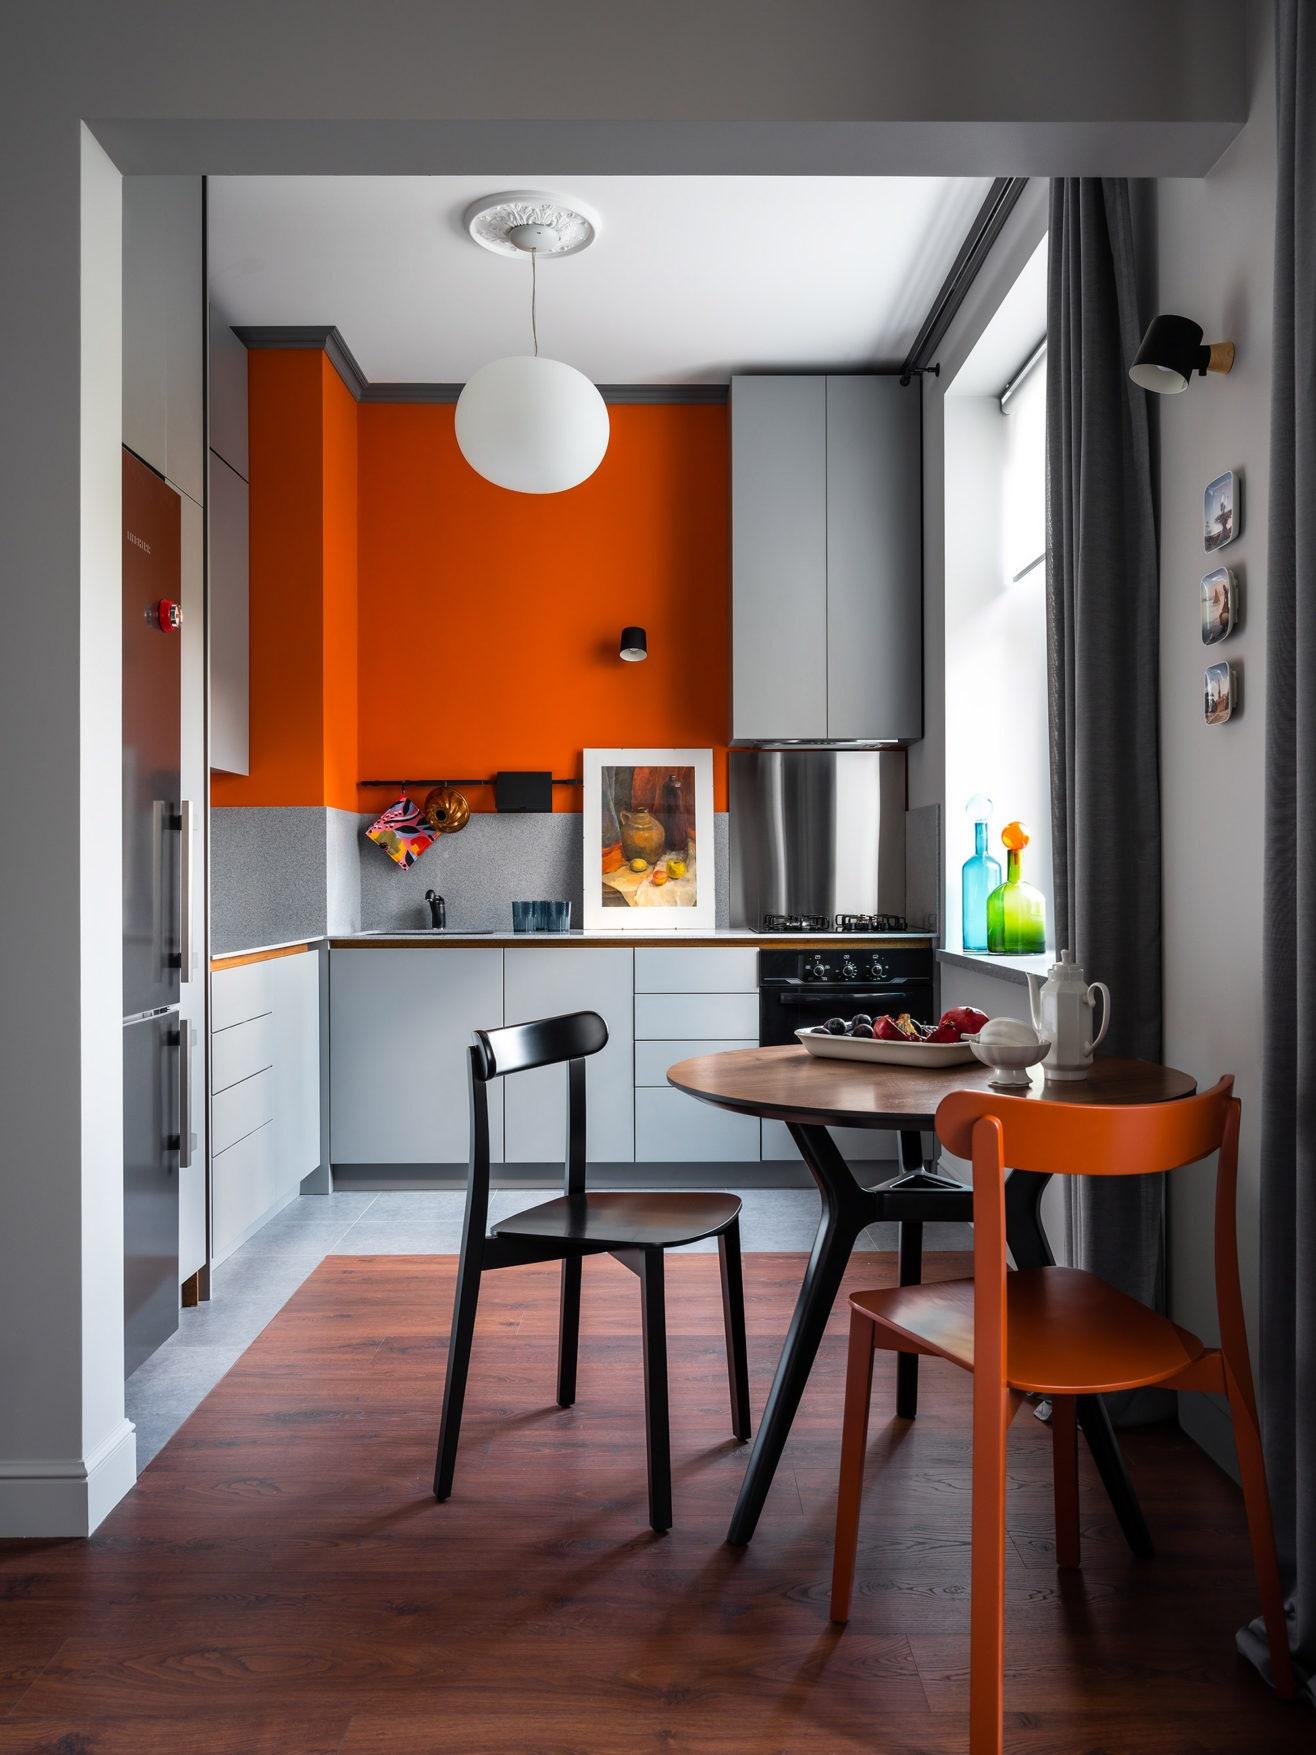 .                Cerama Marazzi.   GloBall Flos   Avito  Normann Copenhagen    Finnish Design Shop    Marimekko.      .   .